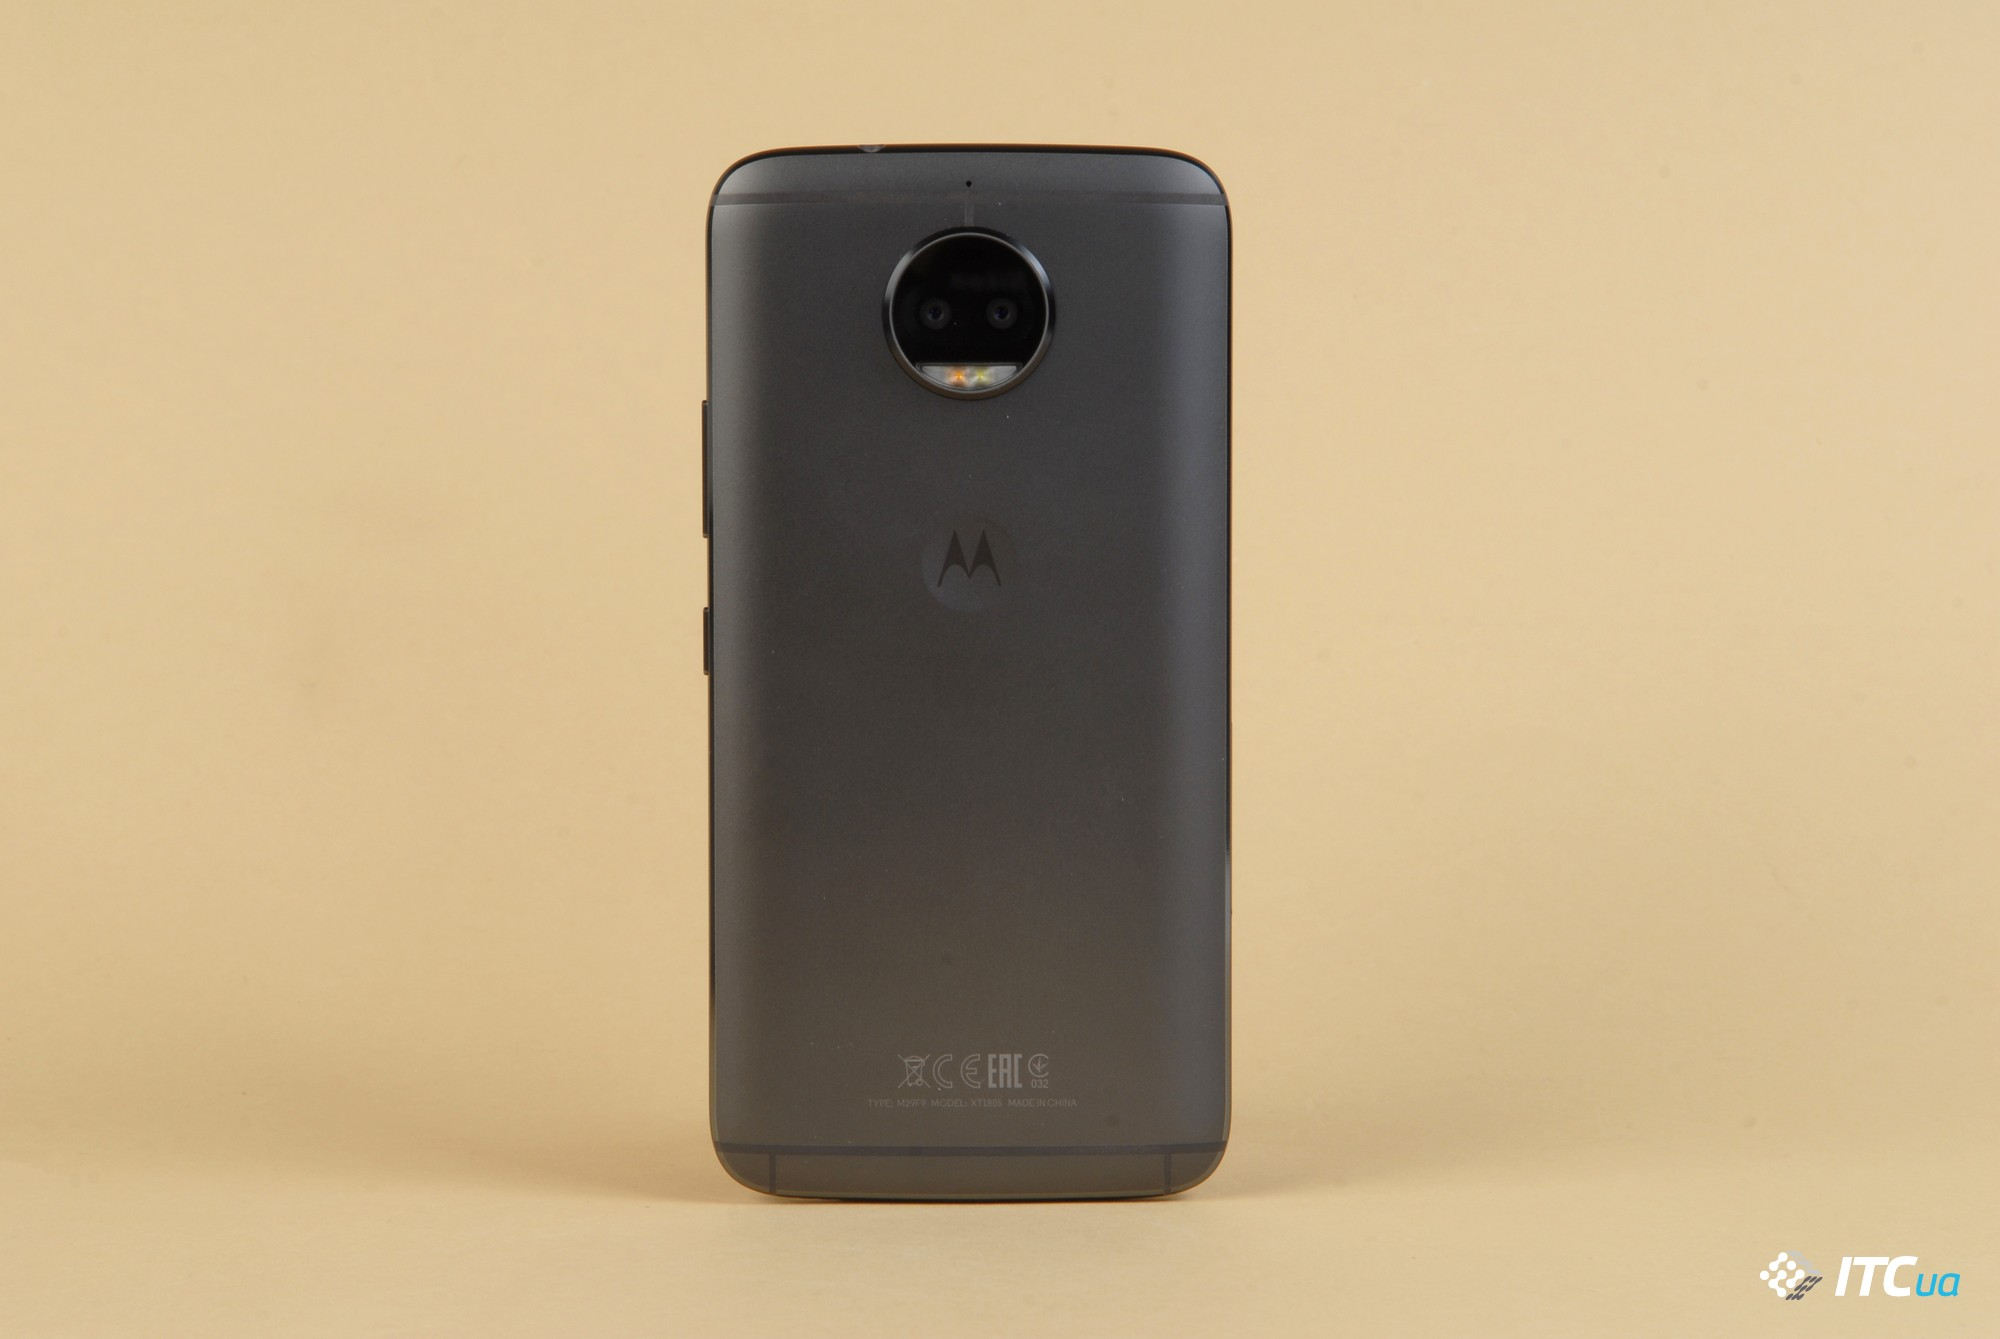 Обзор Moto G5s Plus